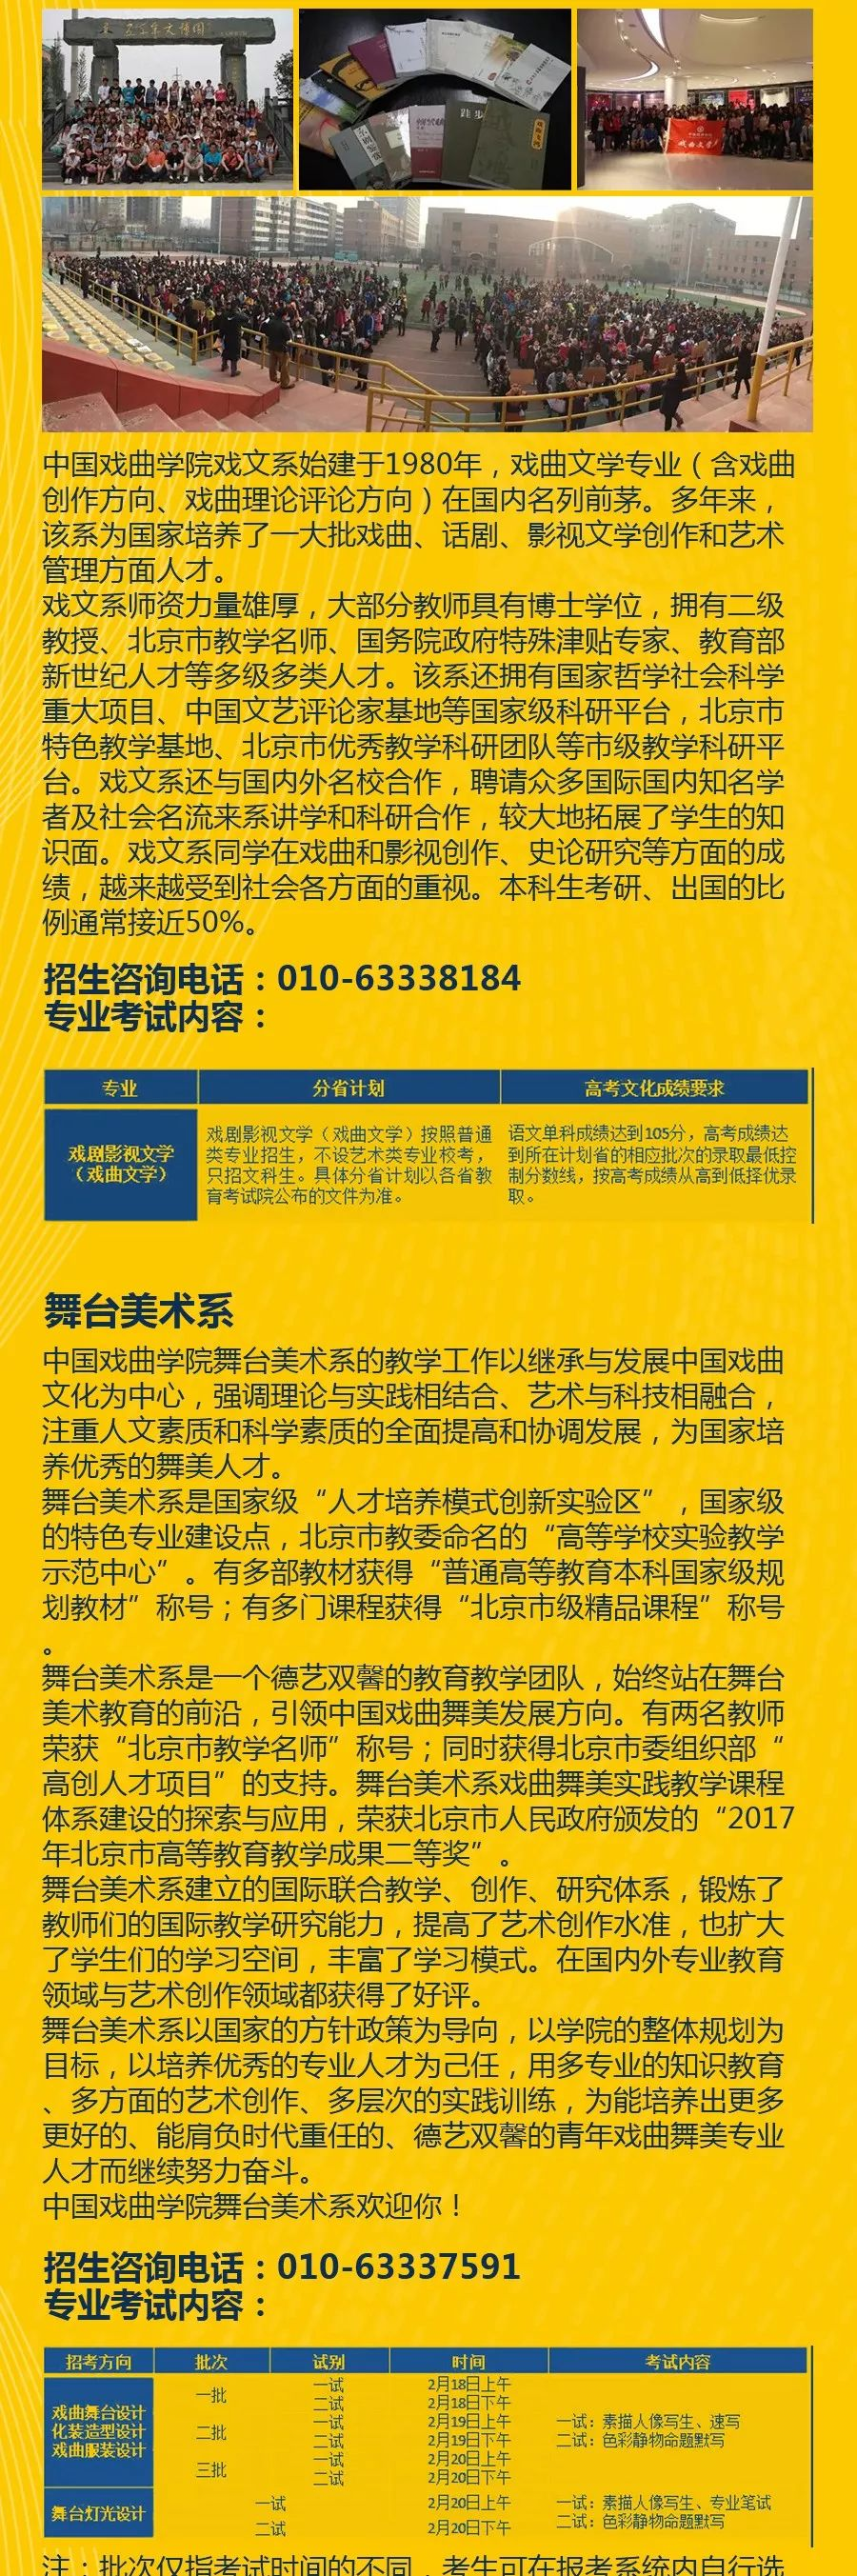 中国传媒大学,北京电影学院,中央戏剧学院,北京巅峰广艺画室       67